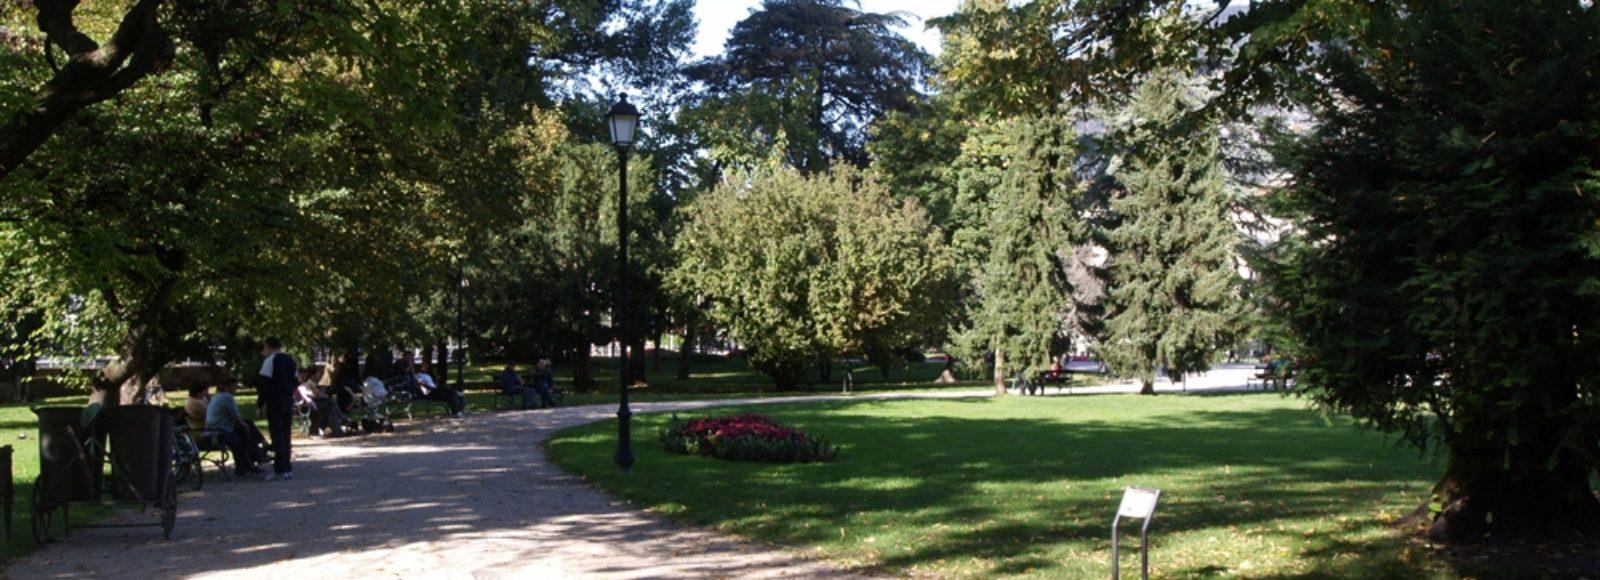 Trento - Giardini Piazza Dante